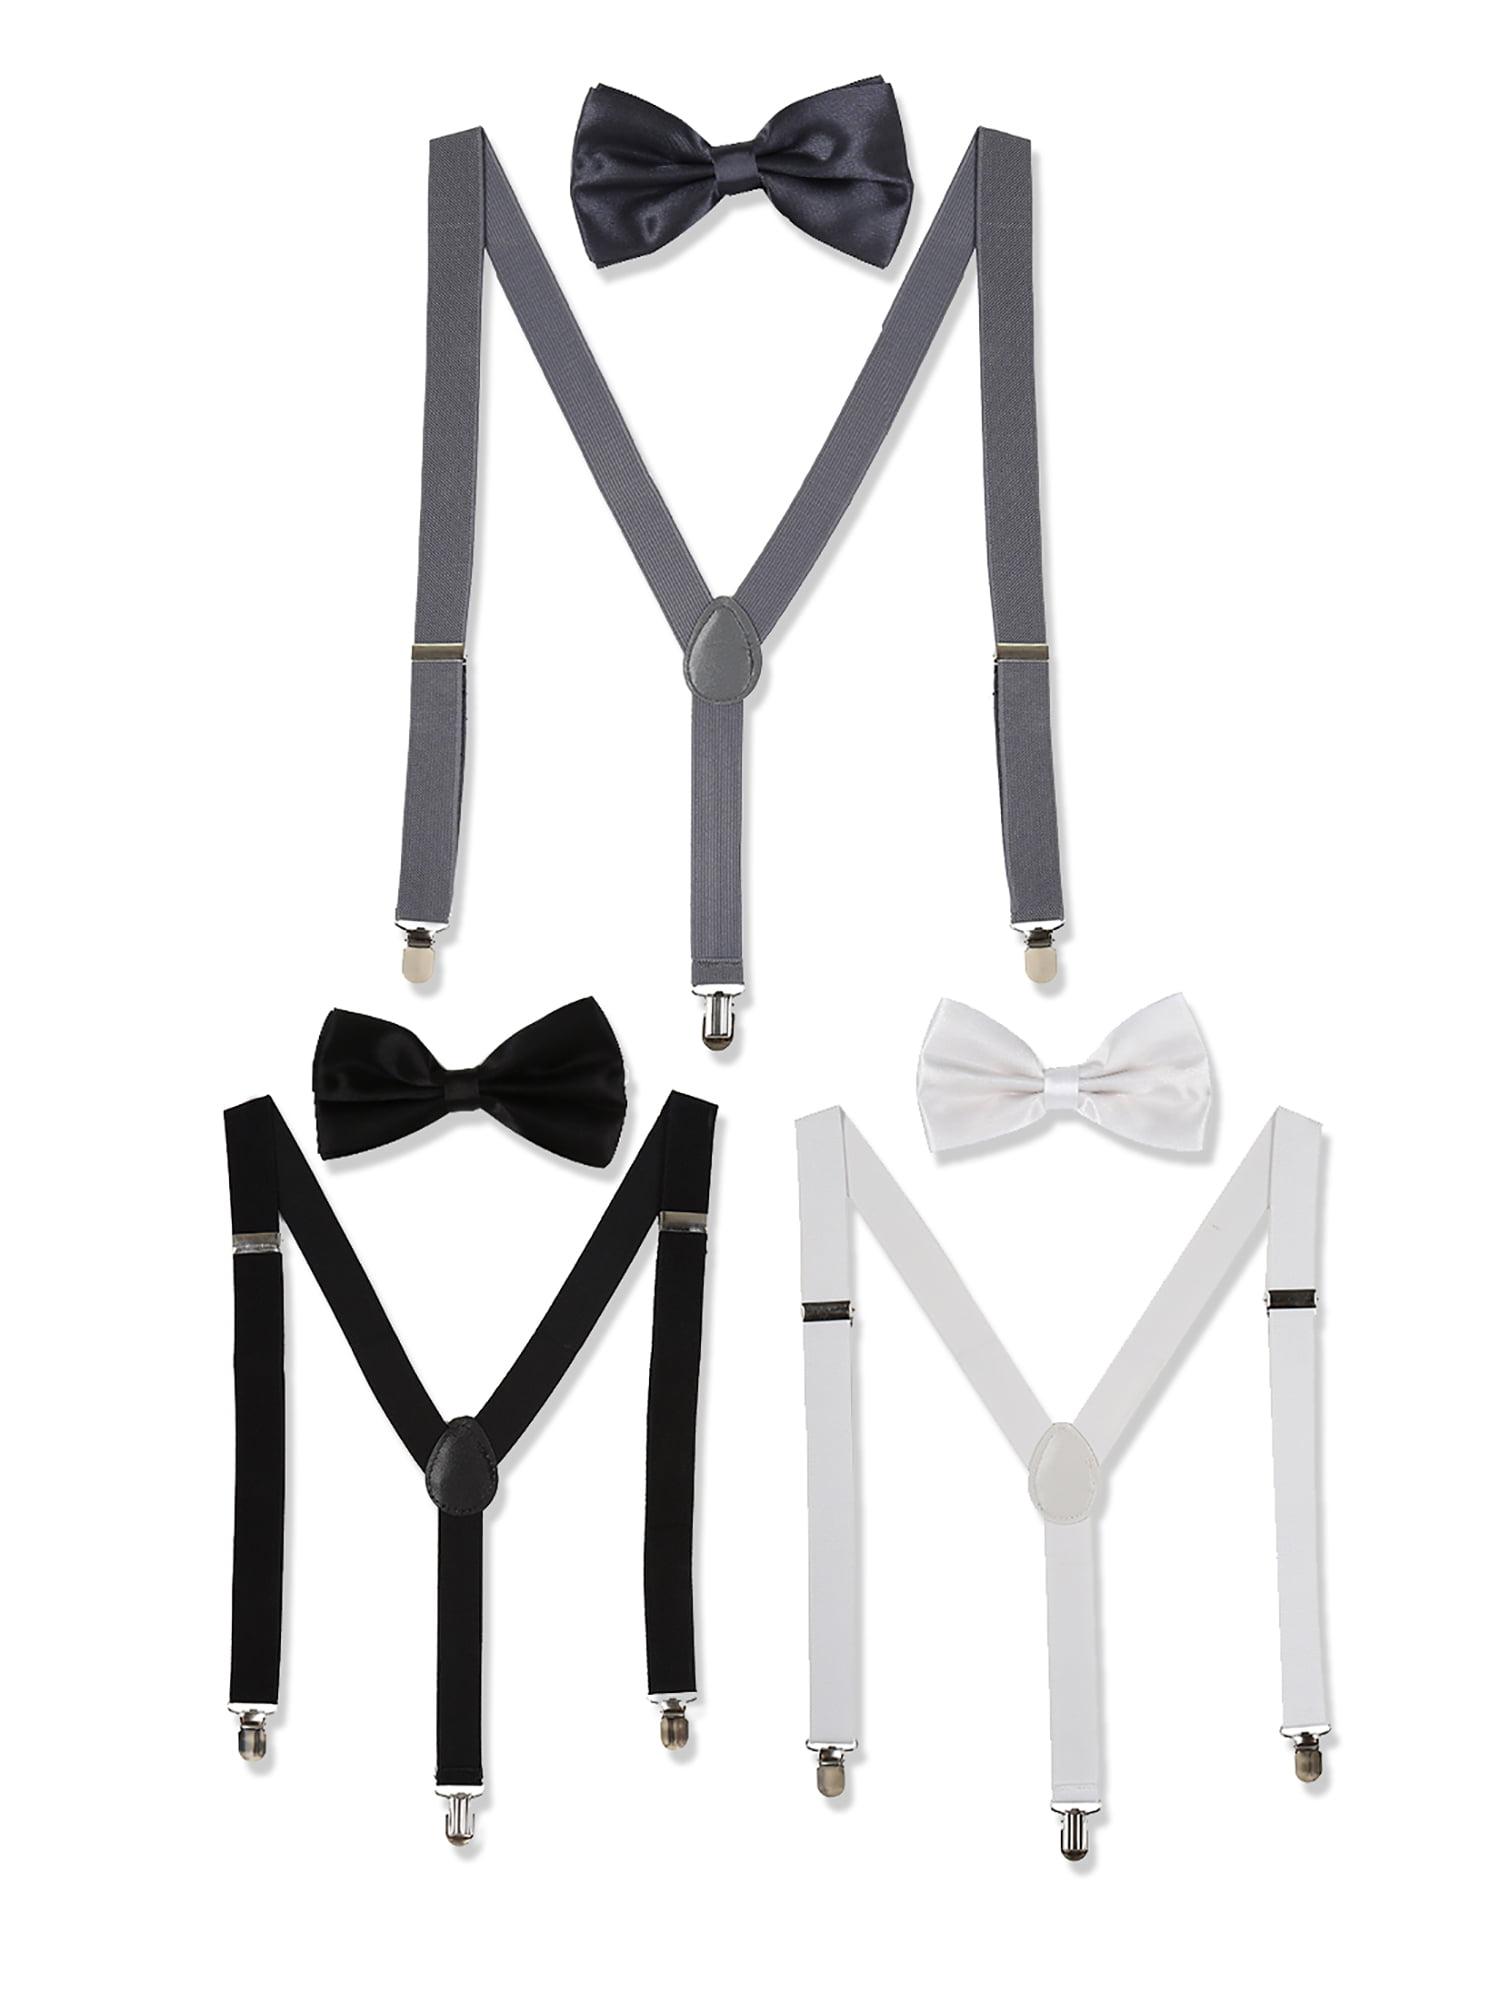 Bows-N-Ties Mens Suspenders Elastic Band 1 inch width adjustable length Y style suspenders